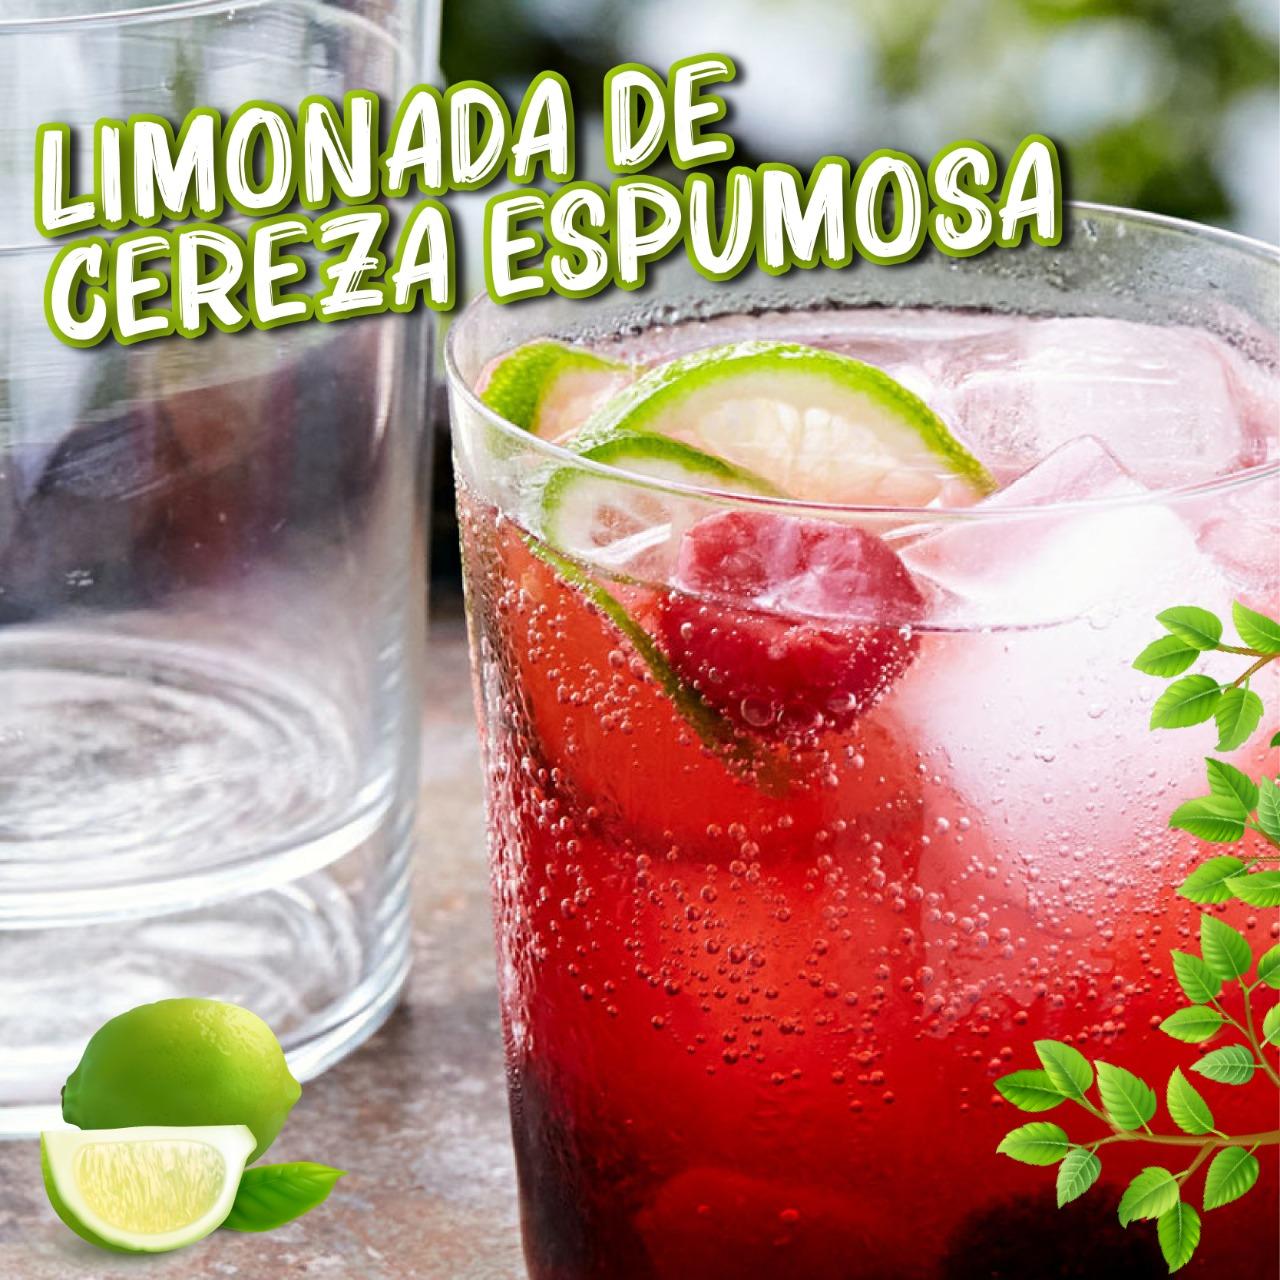 Limonada de Cereza Espumosa